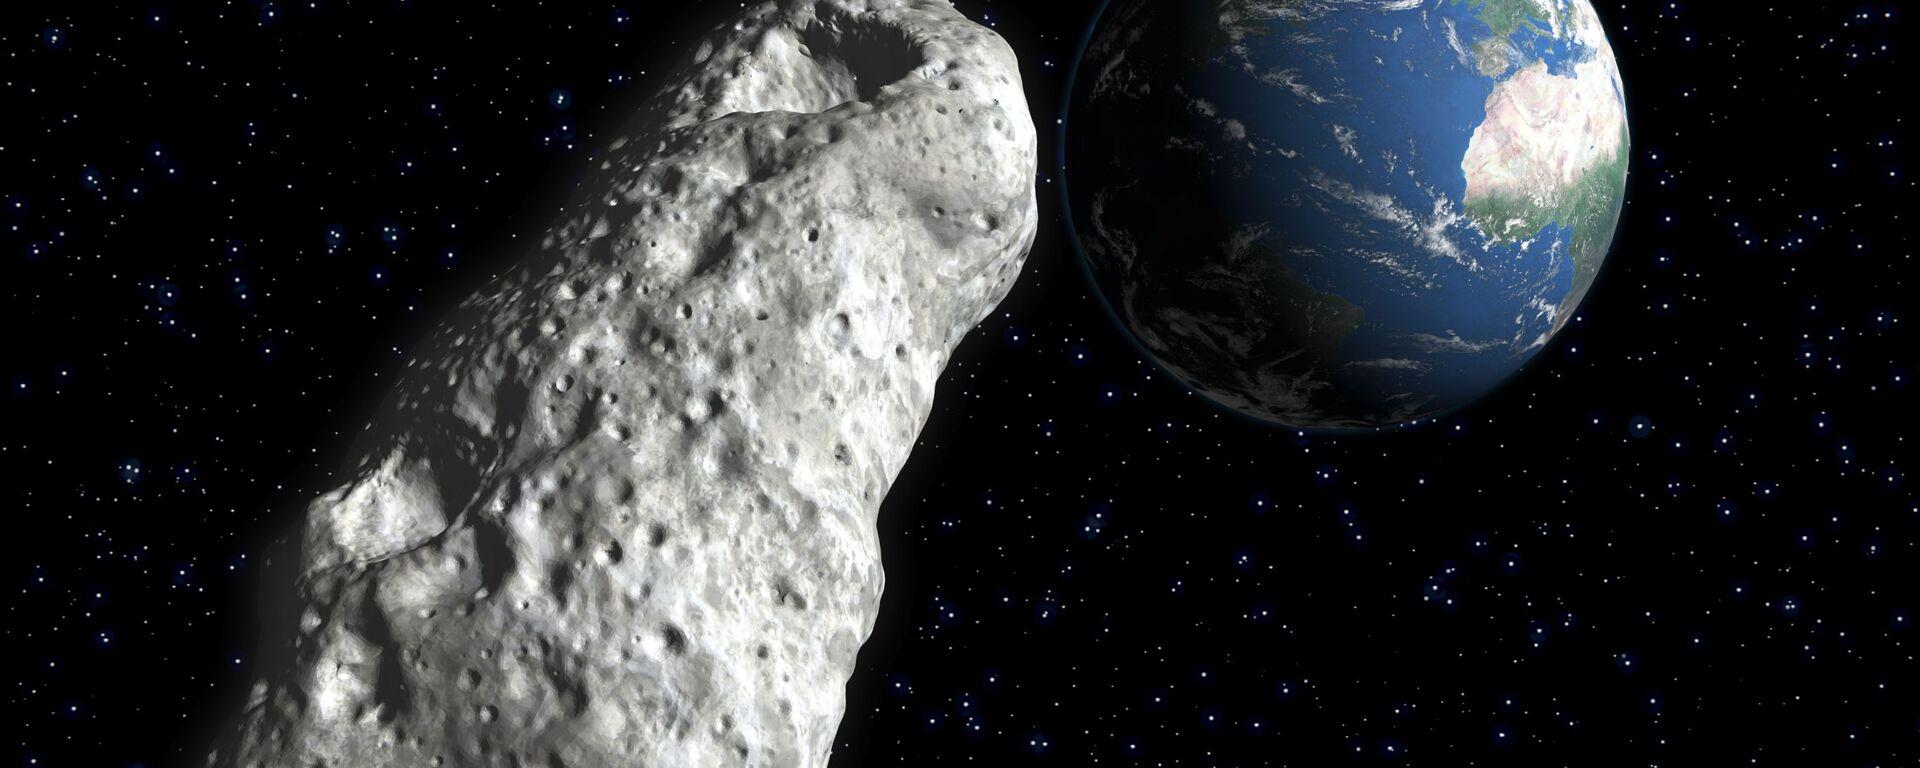 Un asteroide vicino alla Terra - Sputnik Italia, 1920, 15.09.2020